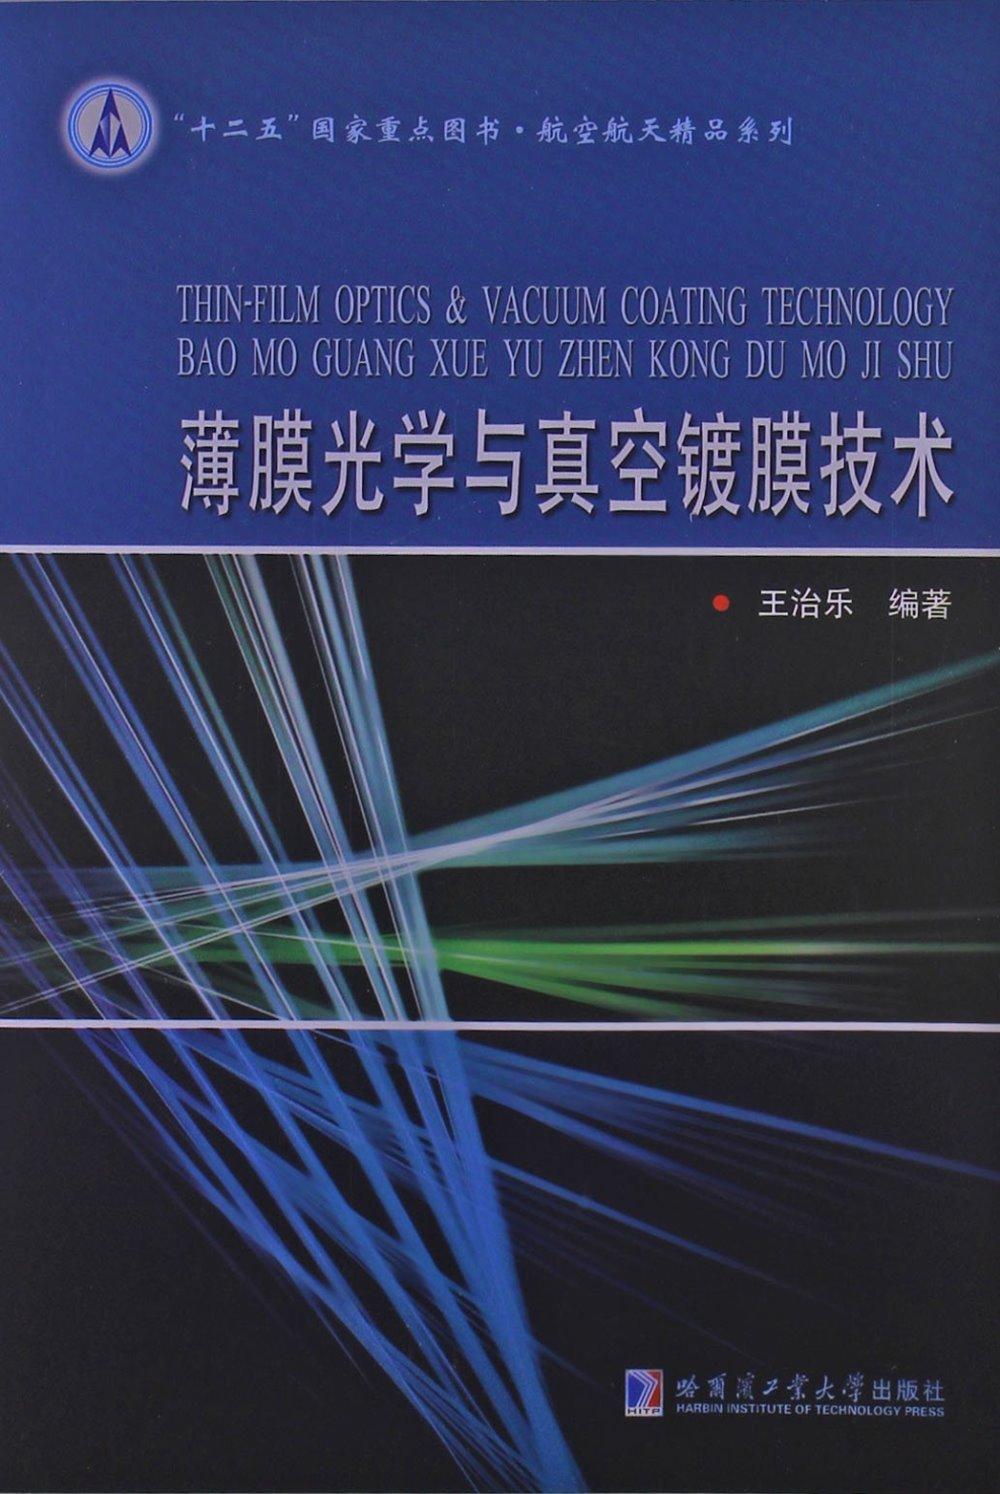 薄膜光學與真空鍍膜技術